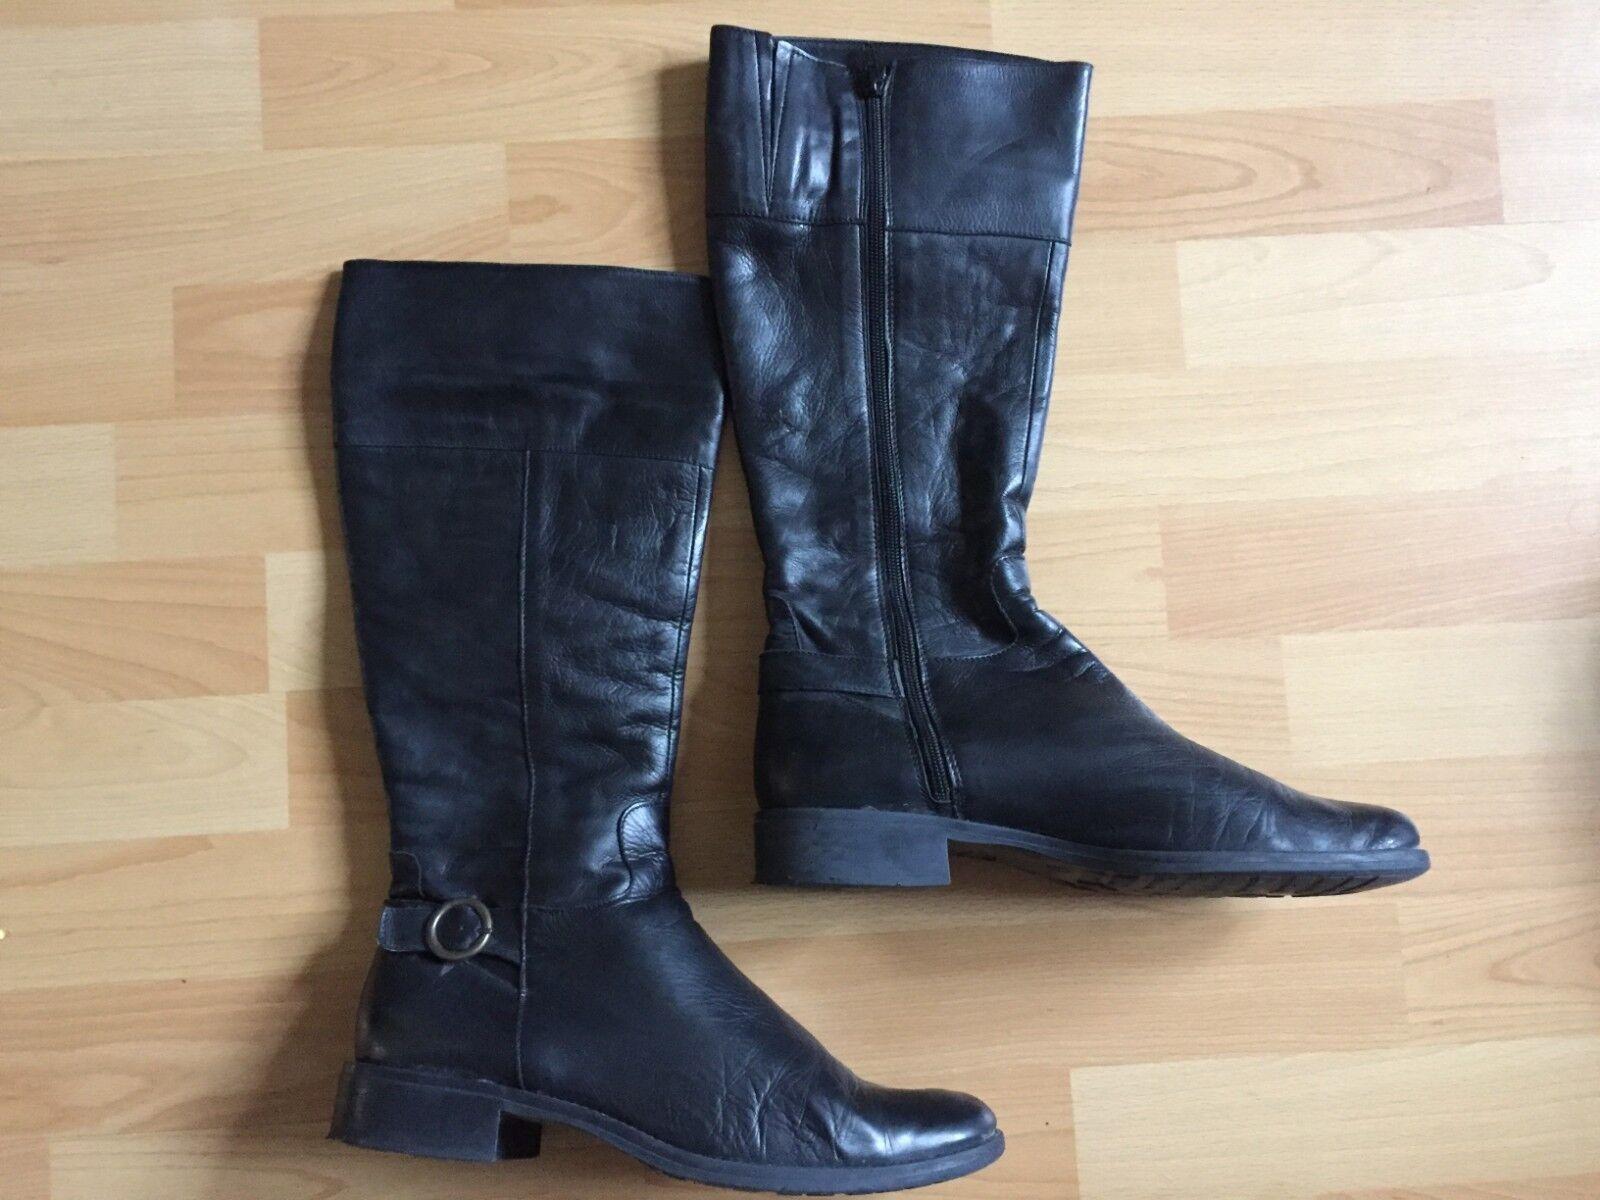 Lavoraziome Silberina Damenstiefel Stiefel Gr 40 schwarz Leder Schuhe Damenschuh